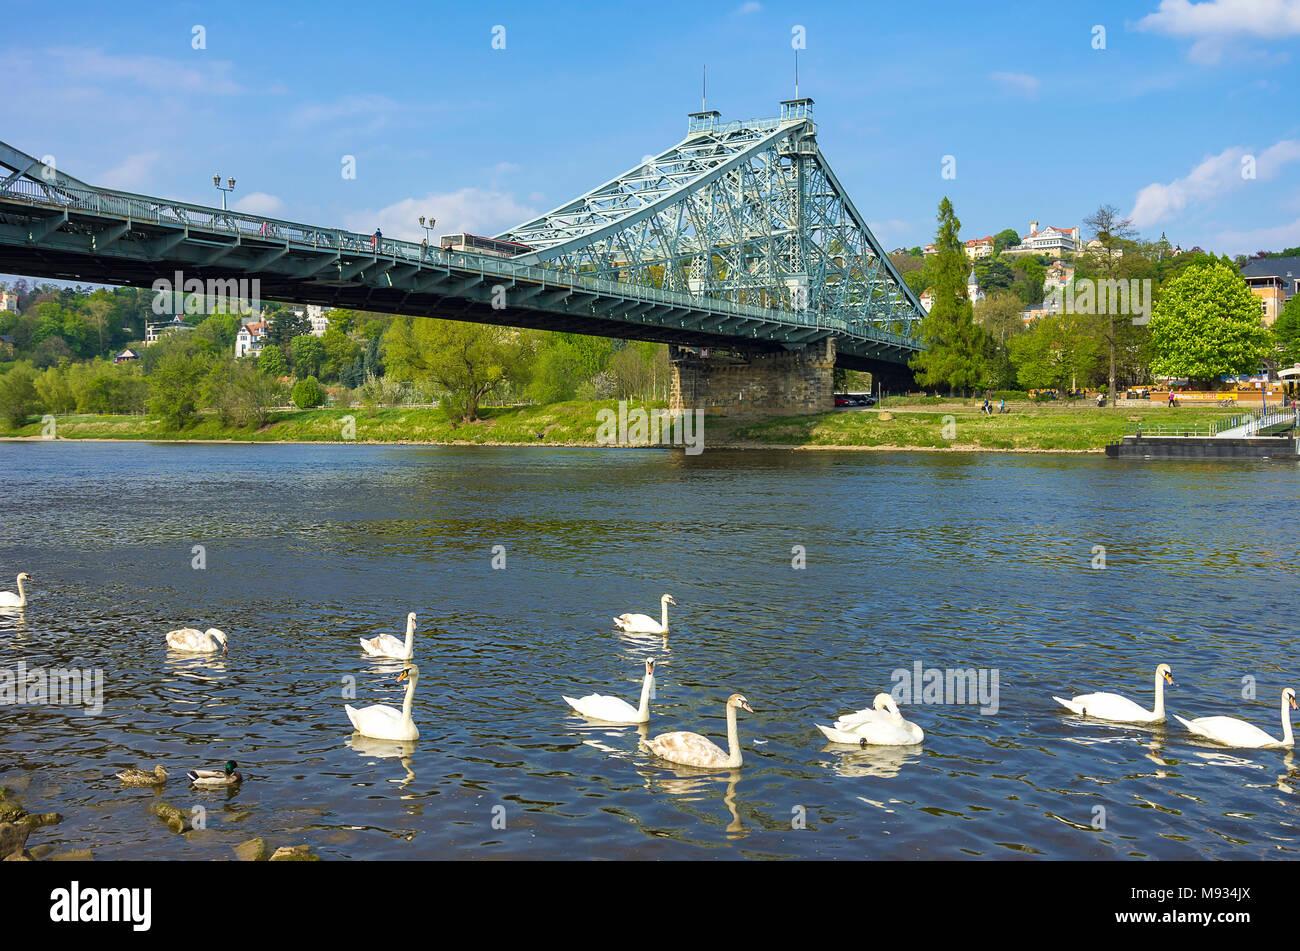 Das Blaue Wunder Brücke von der Stadtteil Blasewitz und mit weißen Schwänen, die auf der Elbe, Dresden, Sachsen, Deutschland frolic gesehen. Stockbild